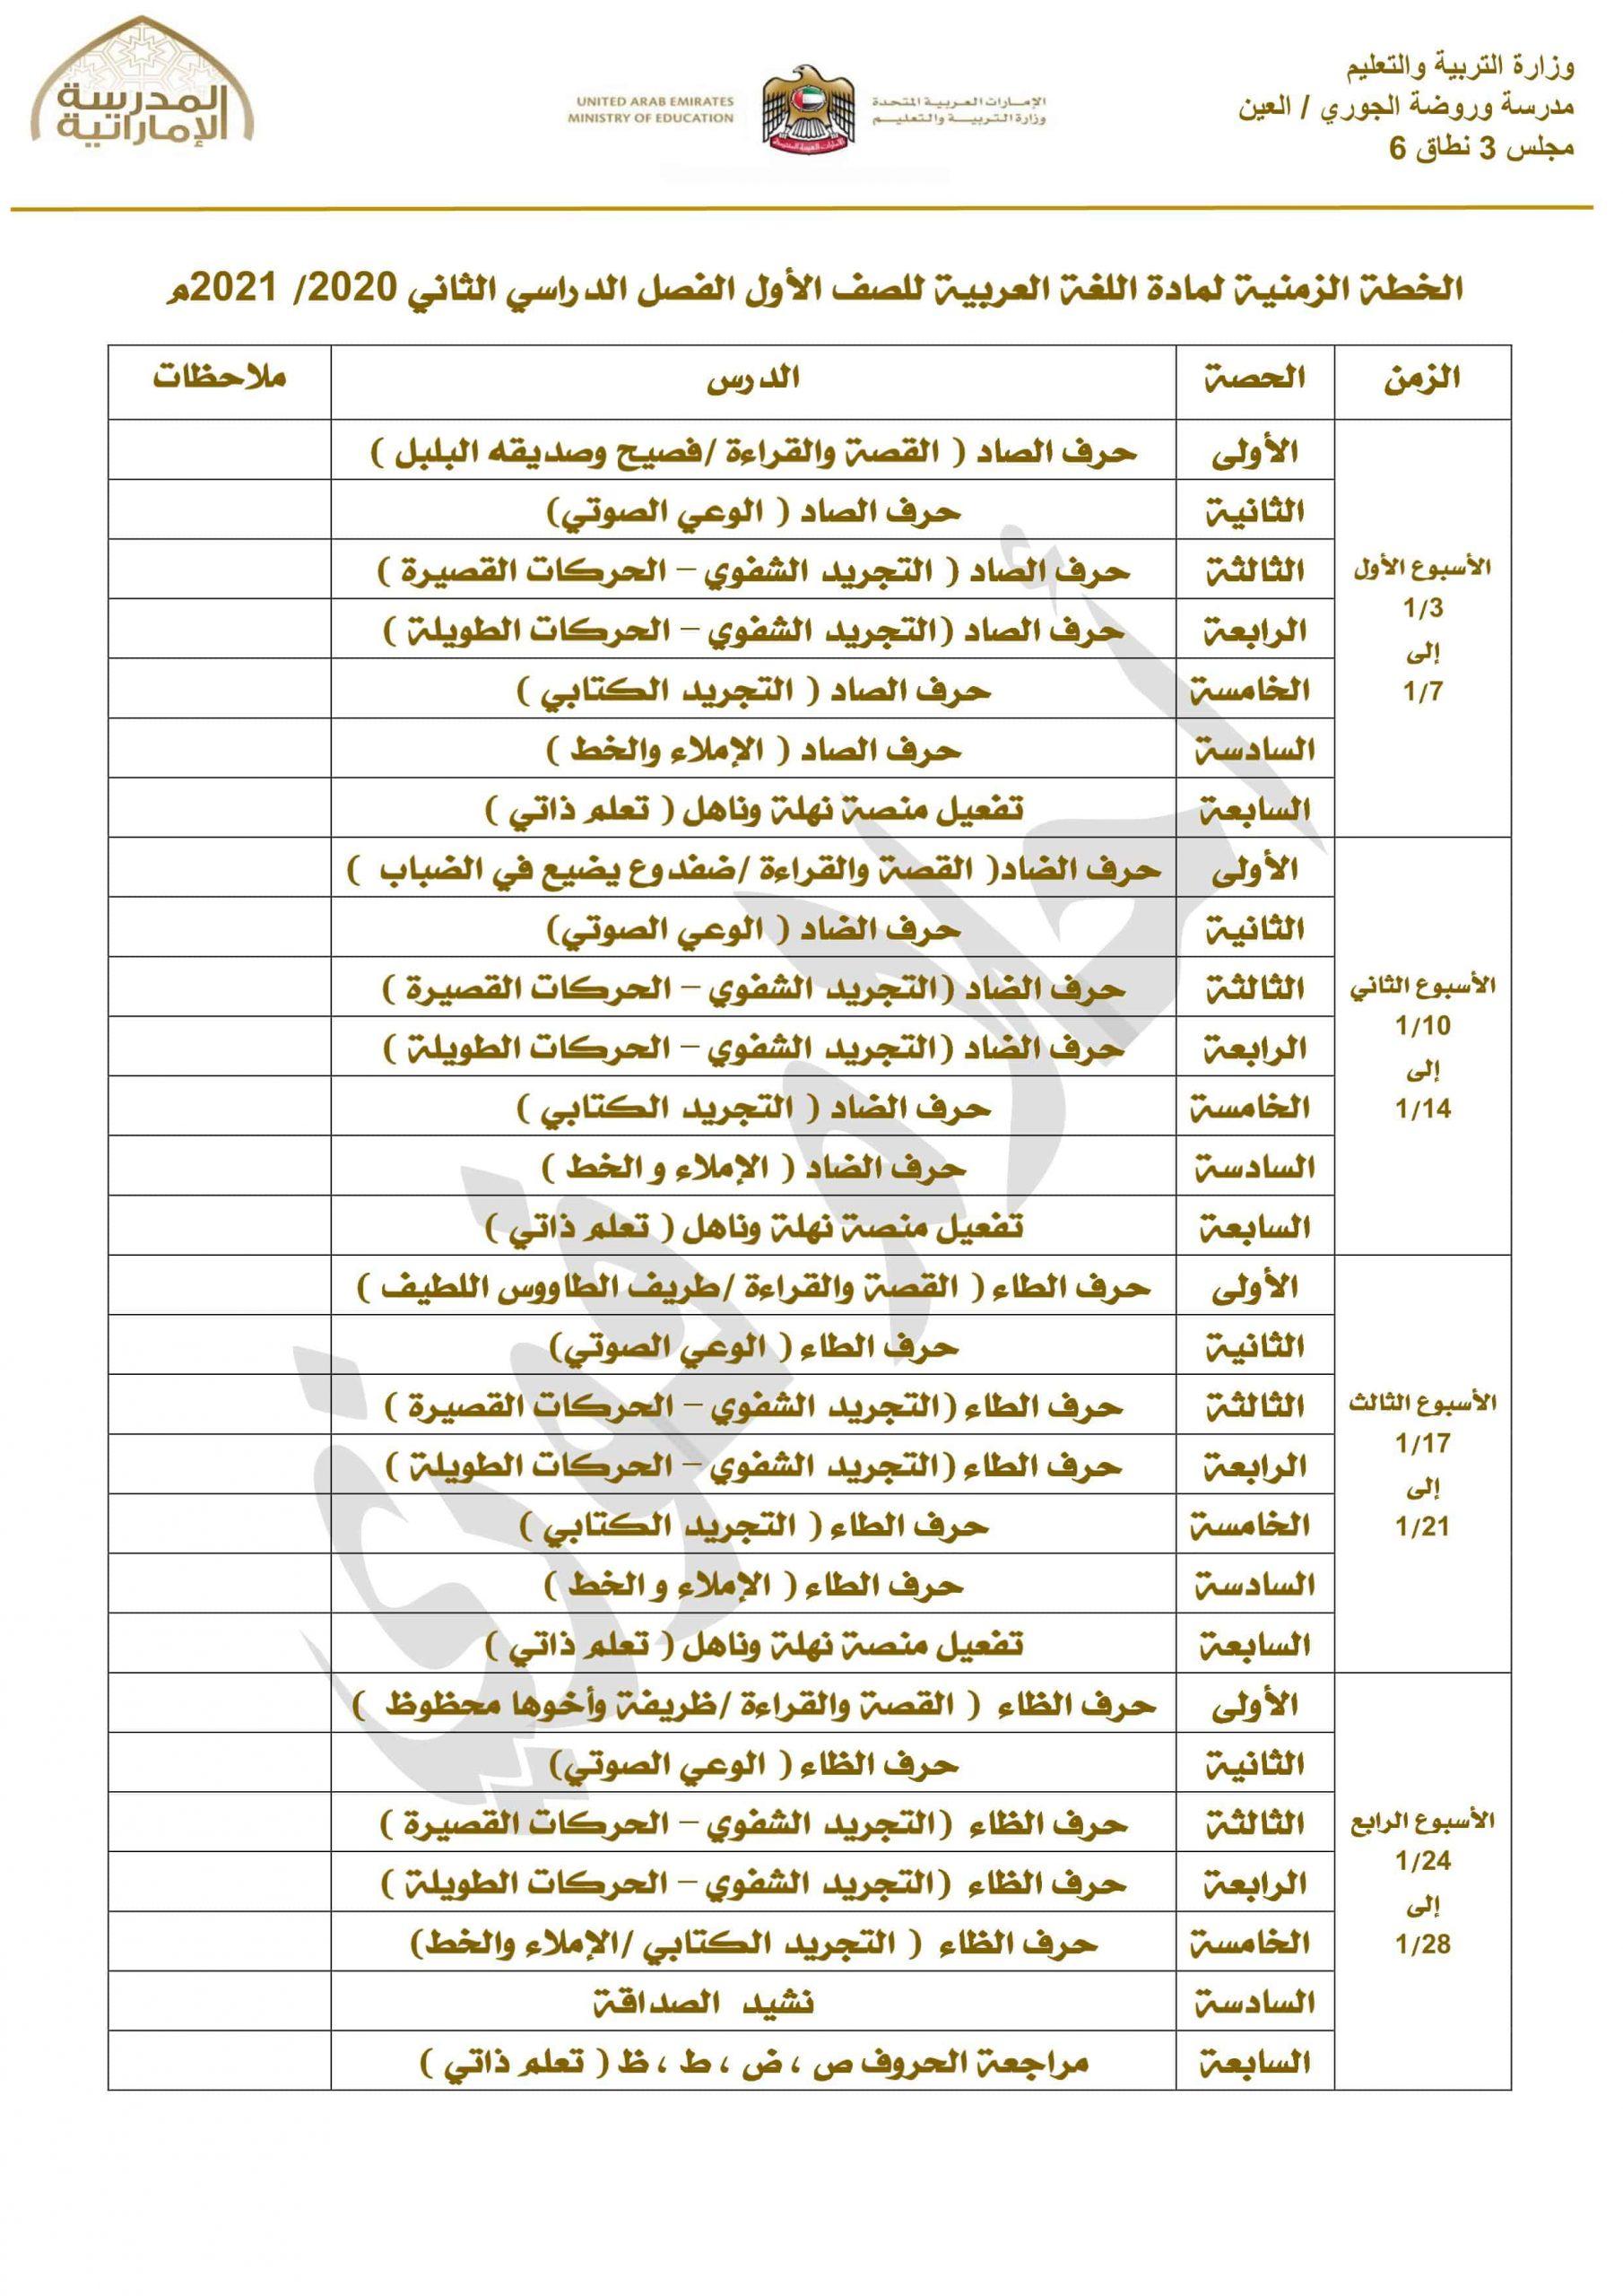 الخطة الزمنية الفصل الدراسي الثاني 2020-2021 الصف الاول مادة اللغة العربية